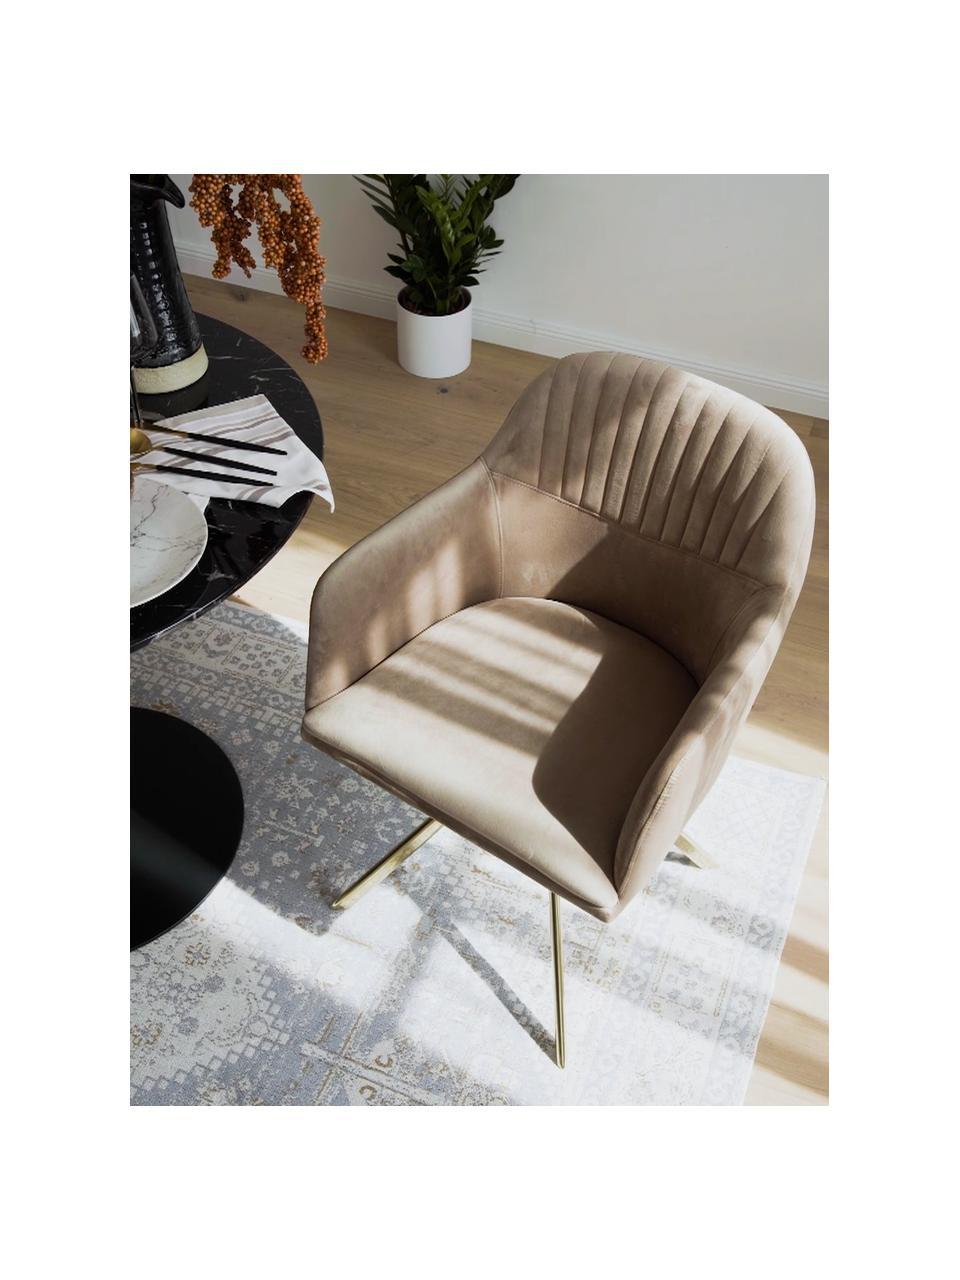 Aksamitne krzesło obrotowe z podłokietnikami Lola, Tapicerka: aksamit poliestrowy Dzięk, Nogi: metal galwanizowany, Aksamitny jasny brązowy, złoty, S 55 x G 52 cm